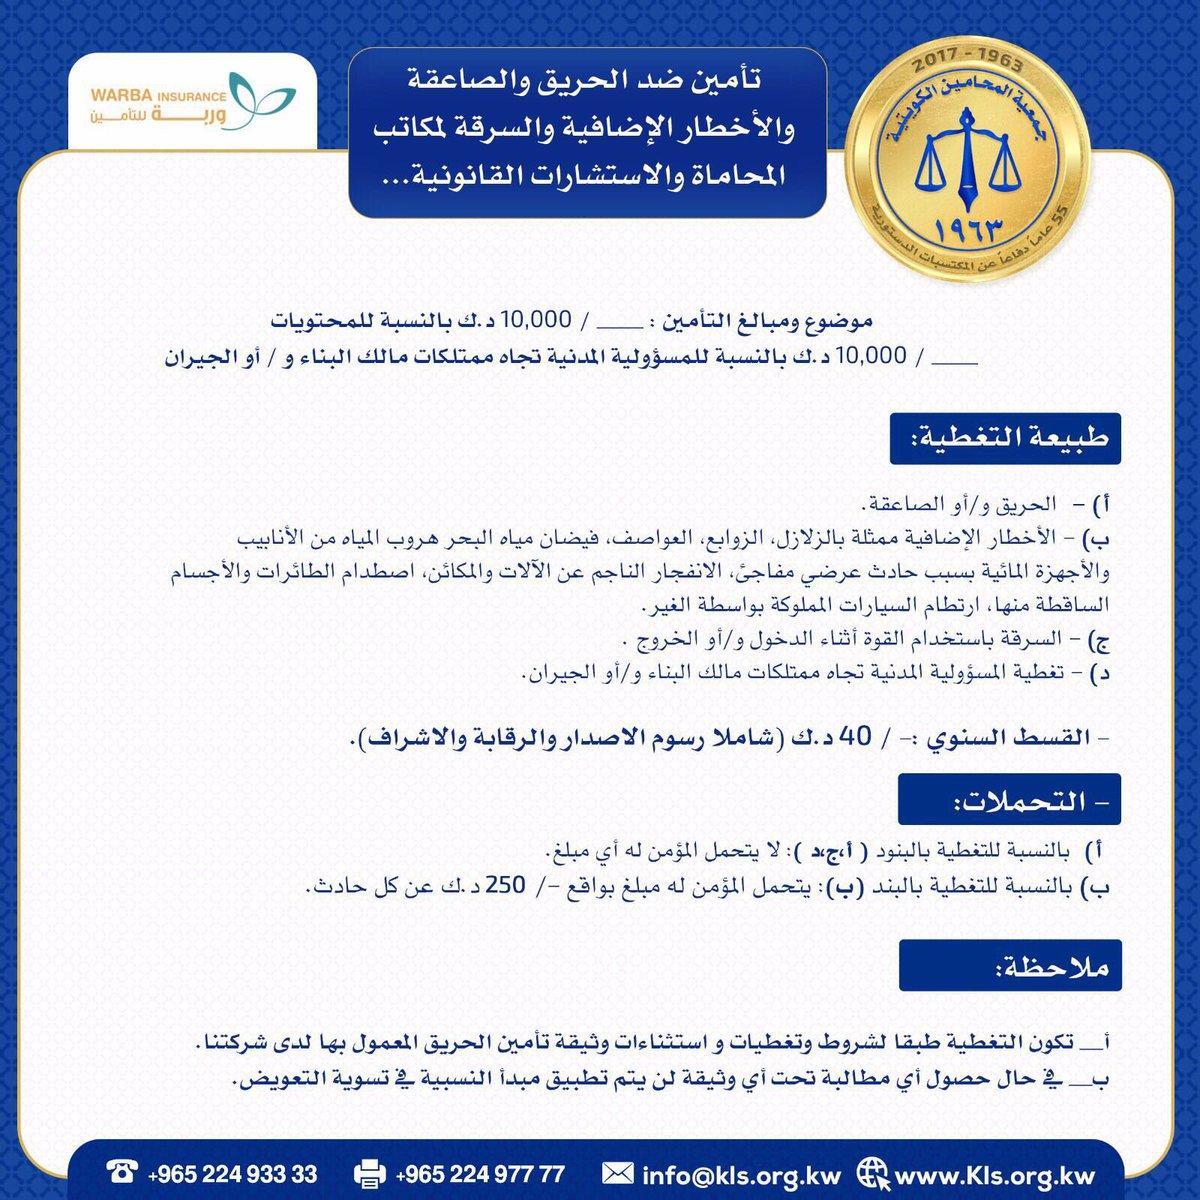 تعلن جمعية المحامين الكويتية عن خدمة التأمين لمكاتب المحاماة ضد الأضرار و الأخطار .. يبدأ التسجيل من الأحد 24-9pic.twitter.com/mtOy8mLM4u